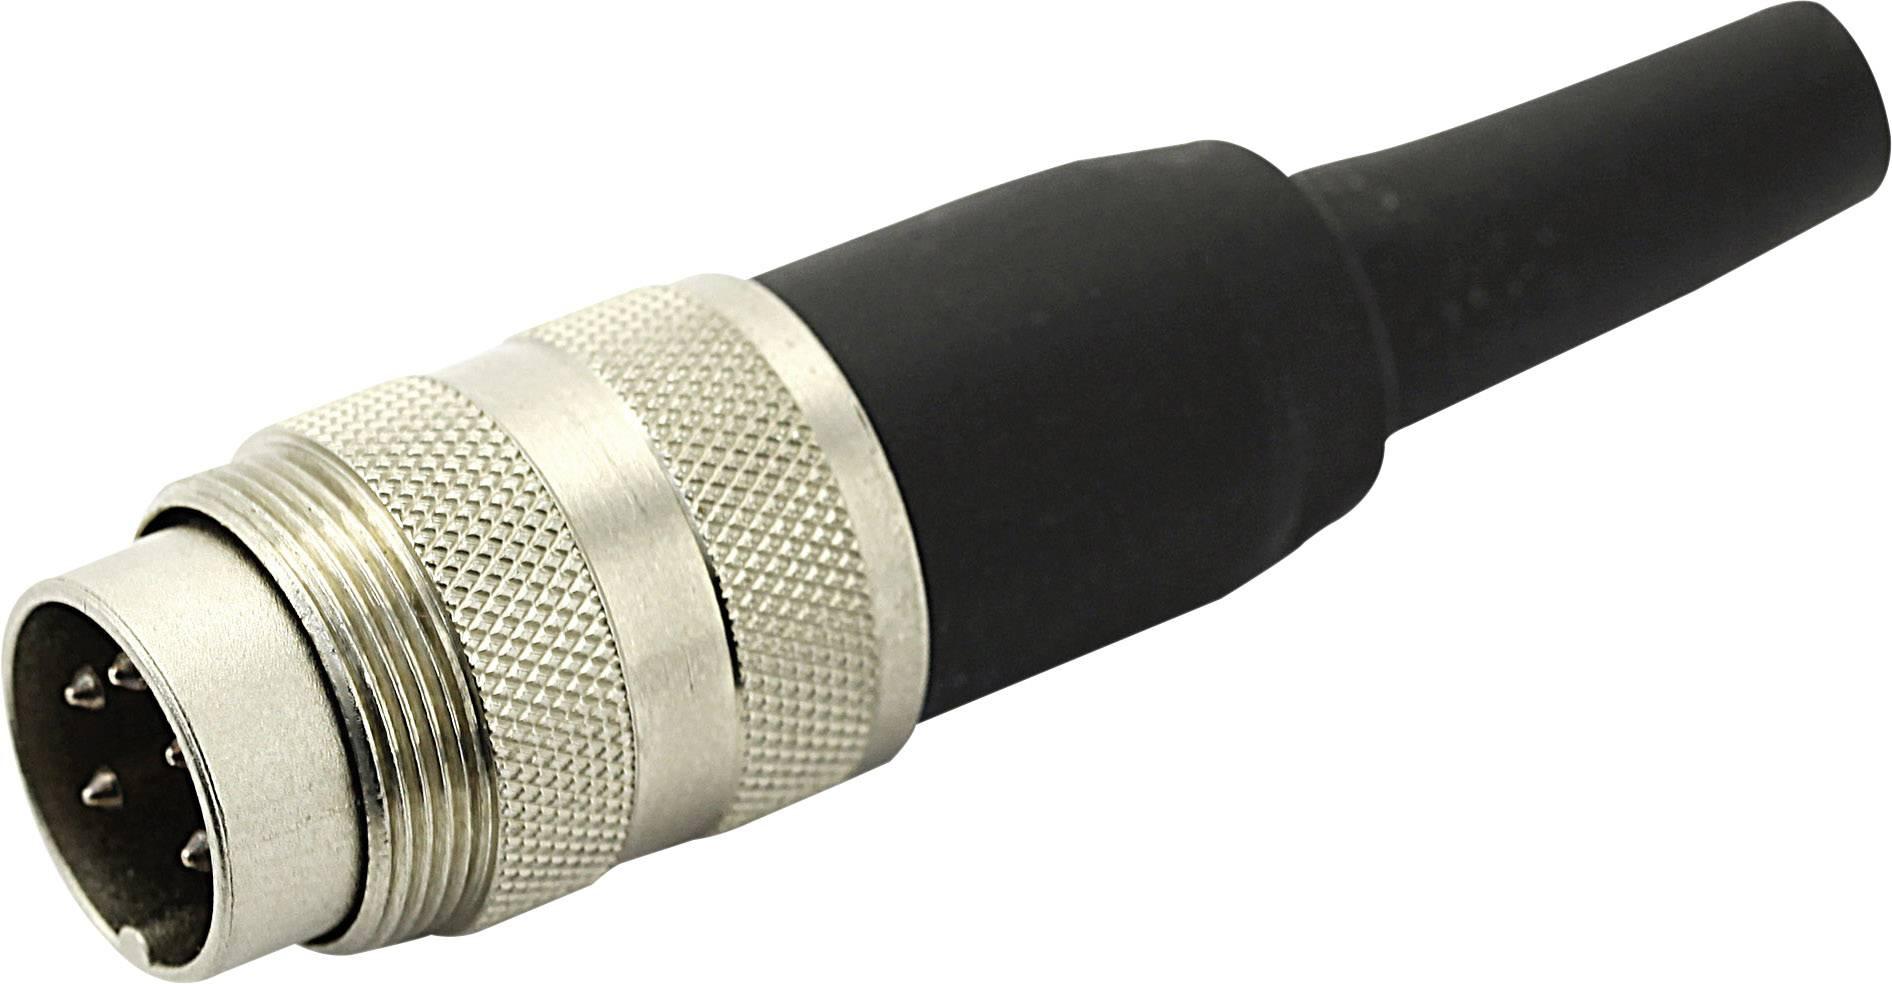 Kabelová zástrčka rovná 3 pólo 3-12 pólová, 250 V, 5 A